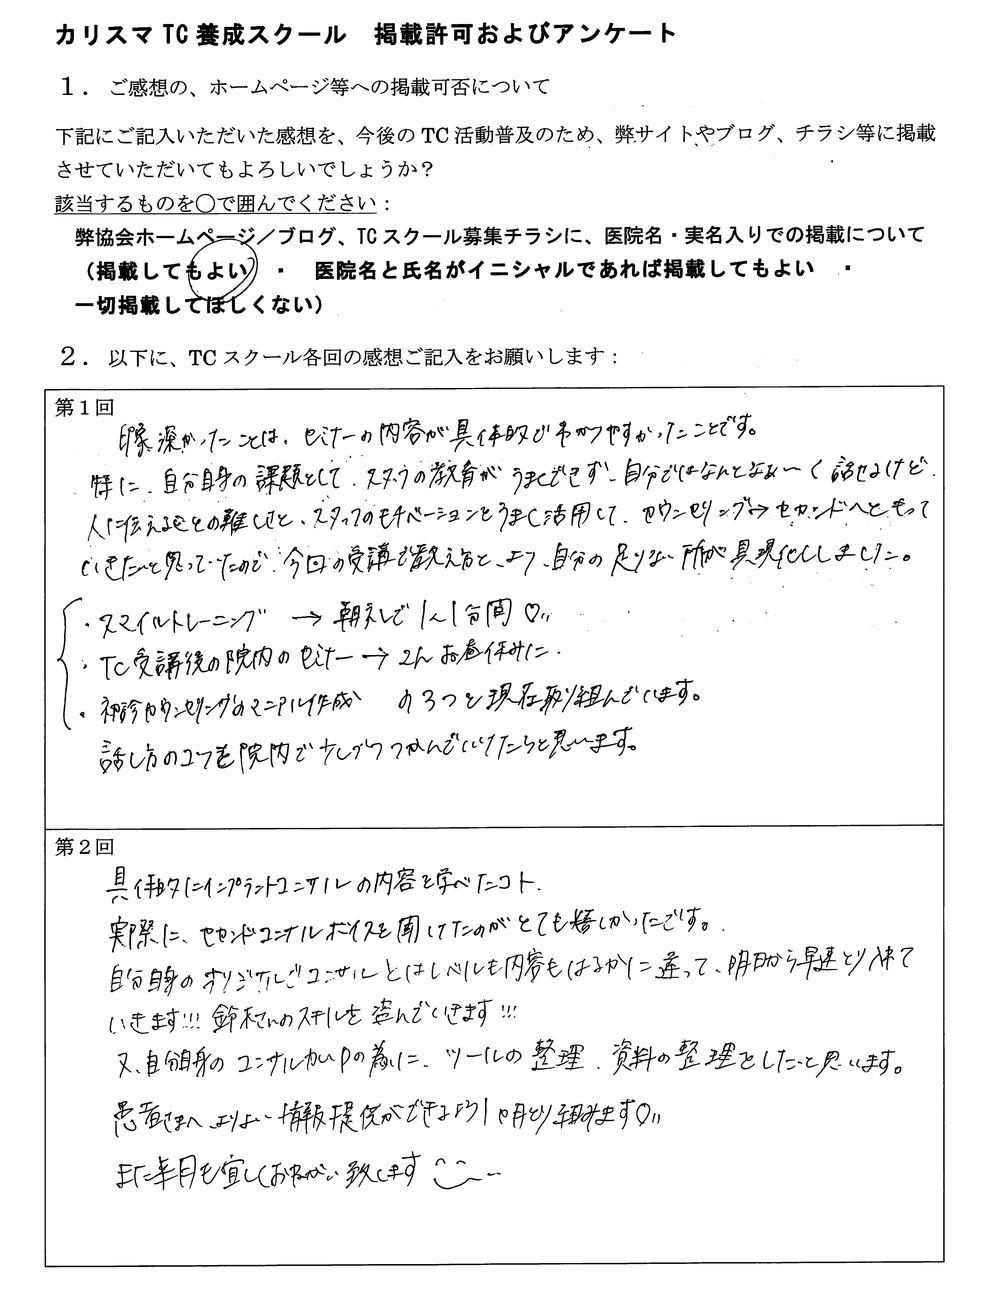 上田 恵理加様アンケート